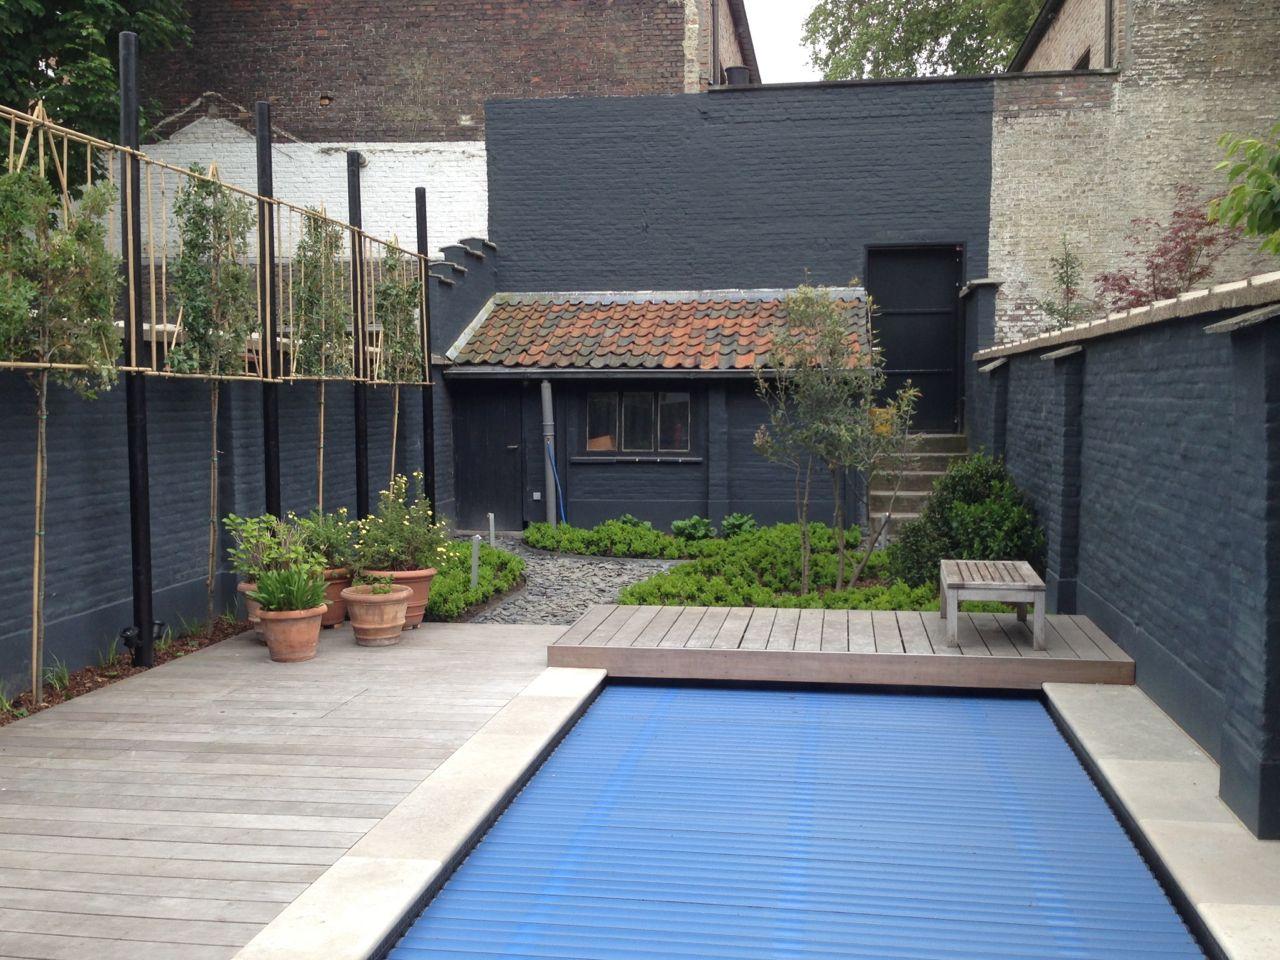 Tuin met zwembad in hartje gent de telder tuinen for Tuin met zwembad